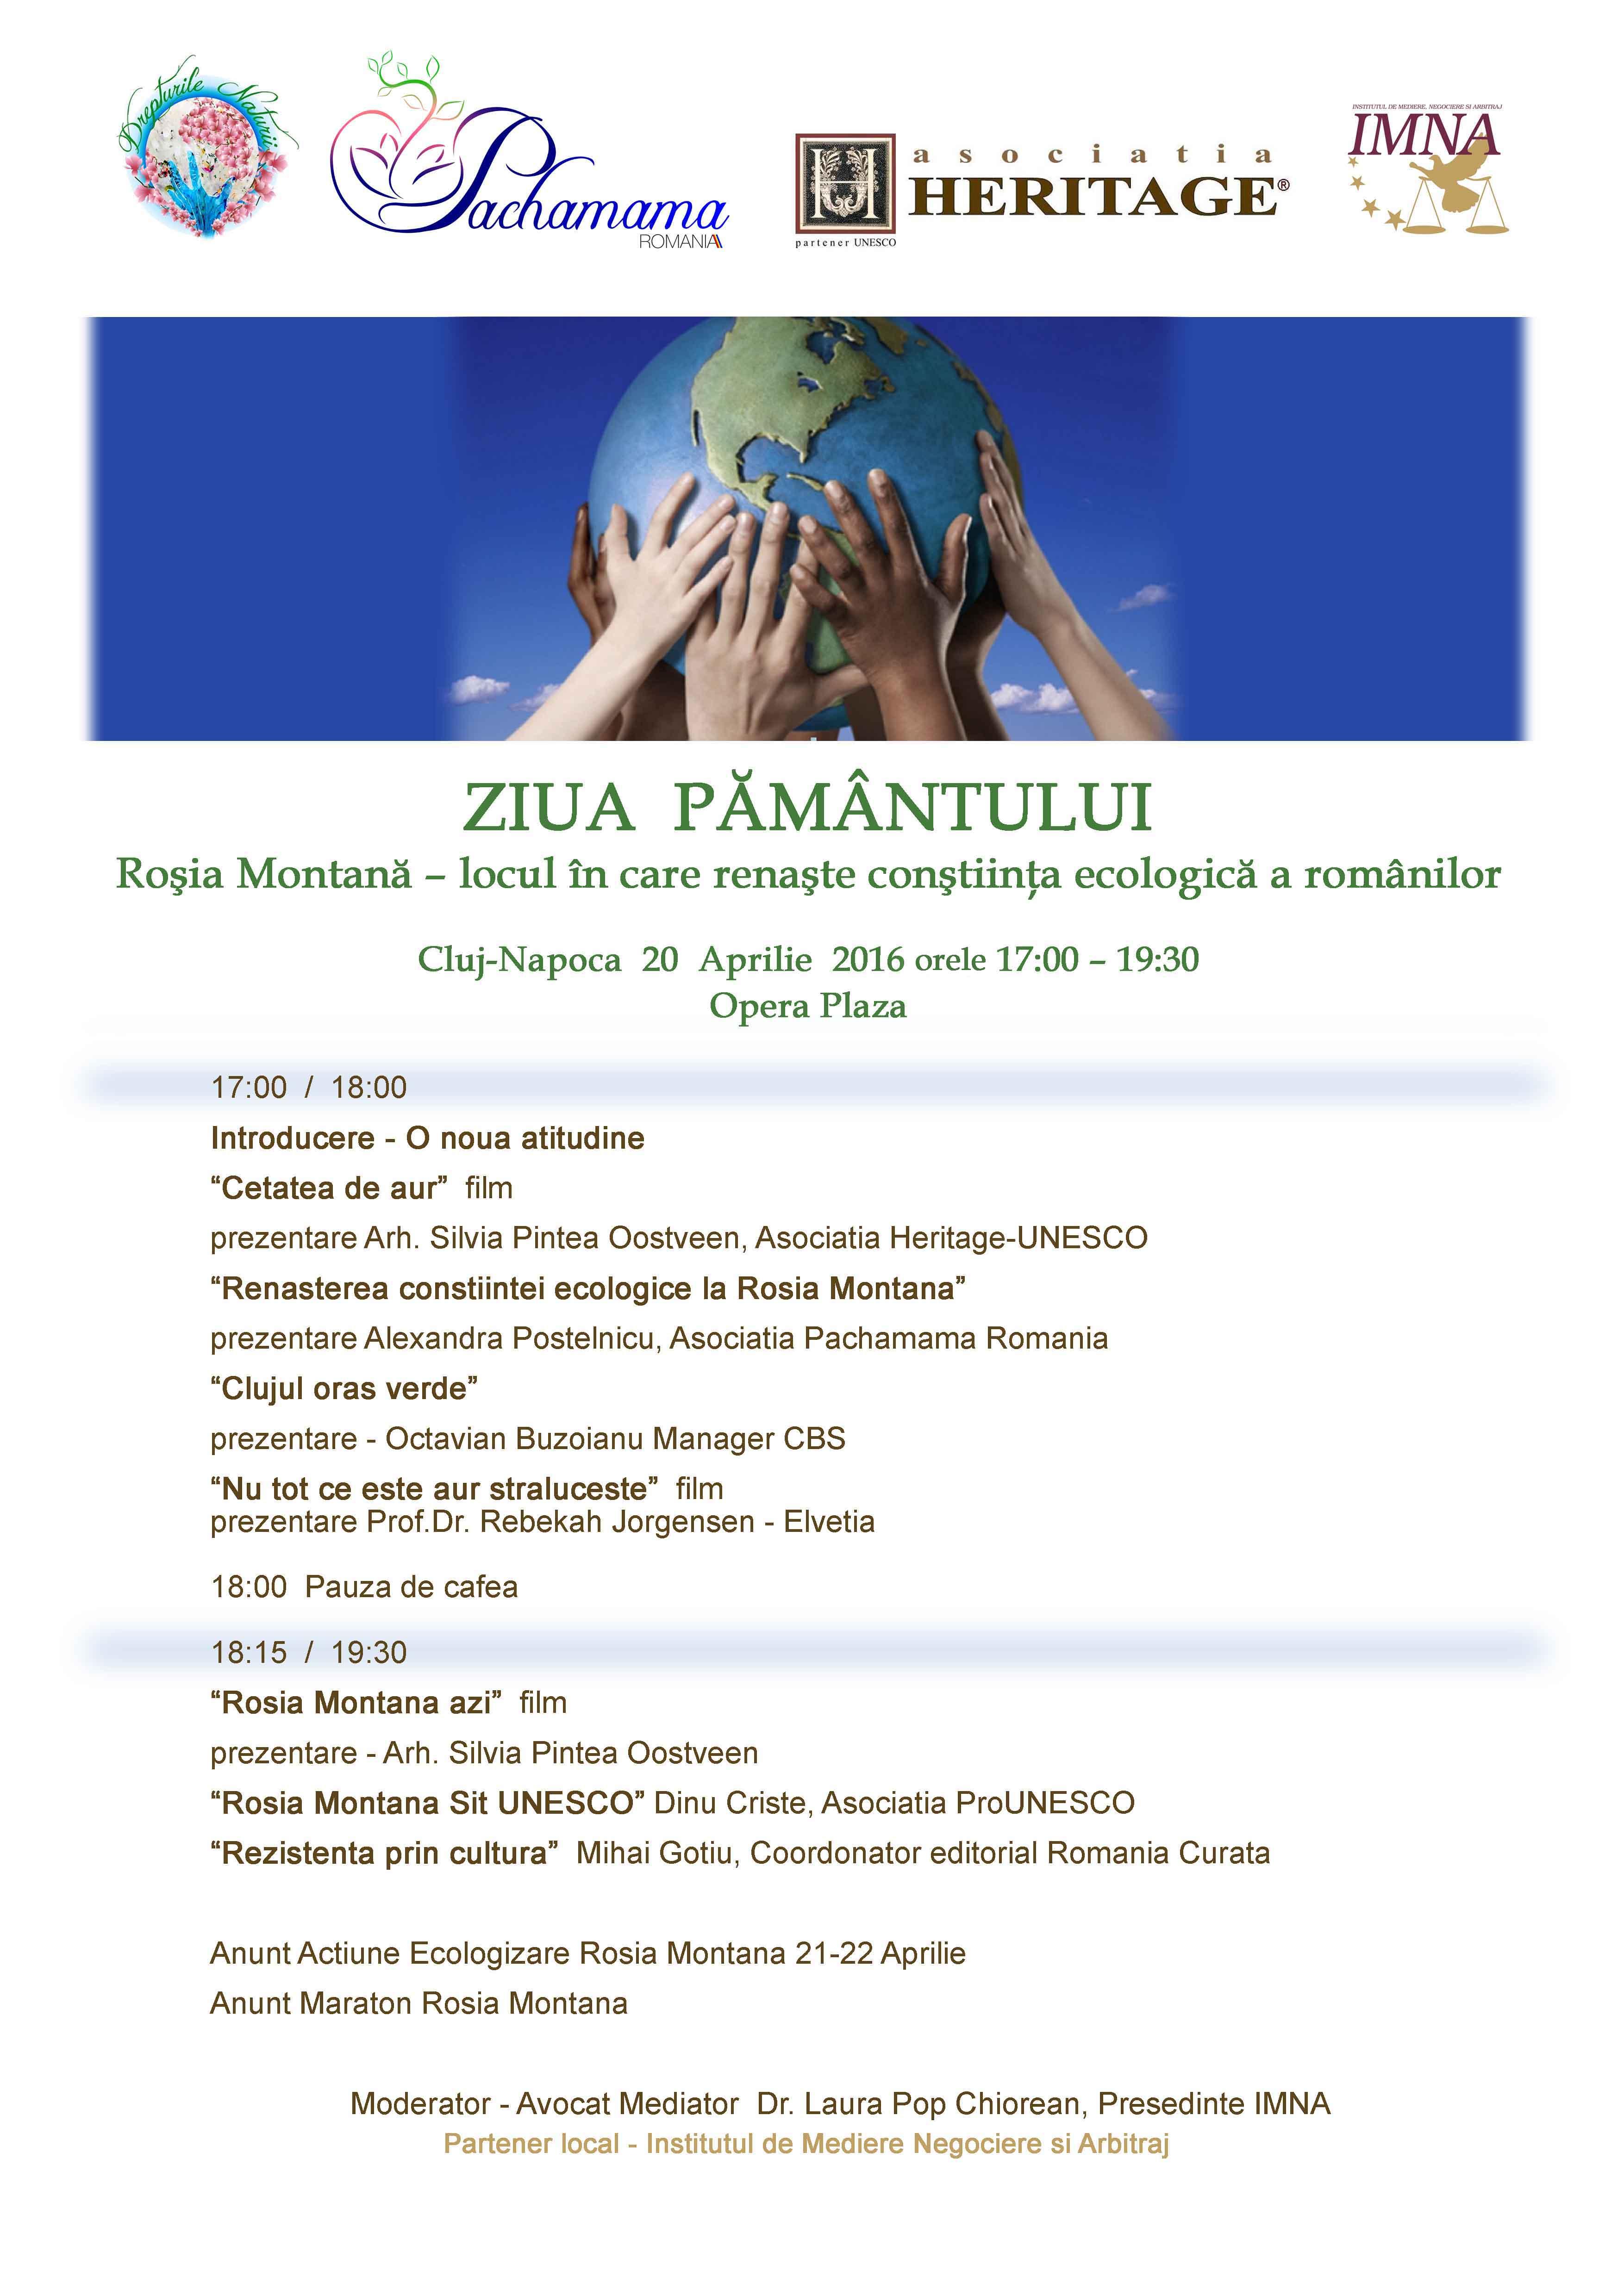 Ziua Pământului, marcată la Cluj-Napoca cu o dezbatere despre Roşia Montană – locul în care renaşte conştiinţa ecologică a românilor